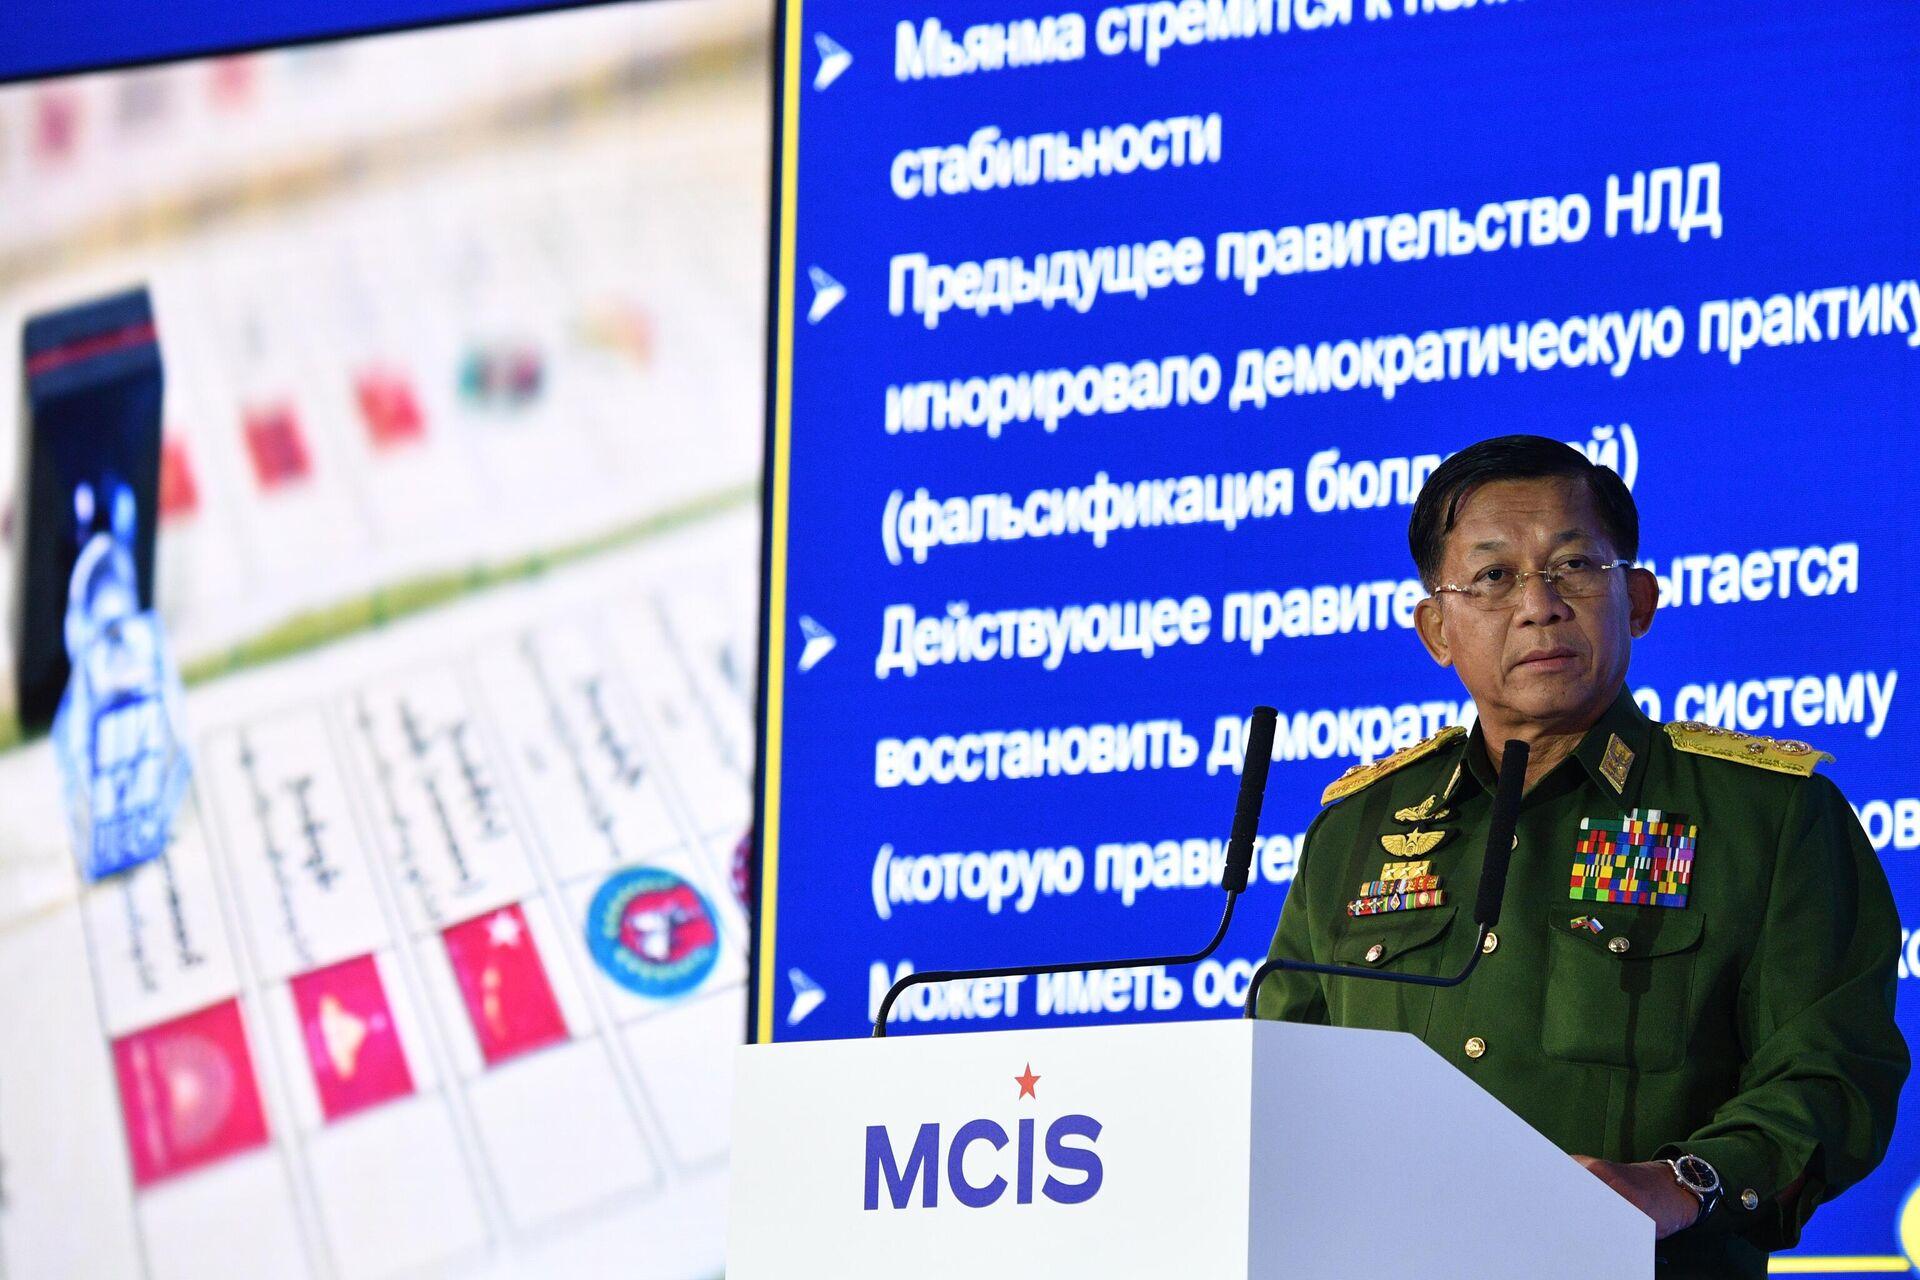 Il comandante in capo delle forze armate del Myanmar Min Aung Hlaing alla IX Conferenza sulla sicurezza internazionale di Mosca - Sputnik Italia, 1920, 27.06.2021